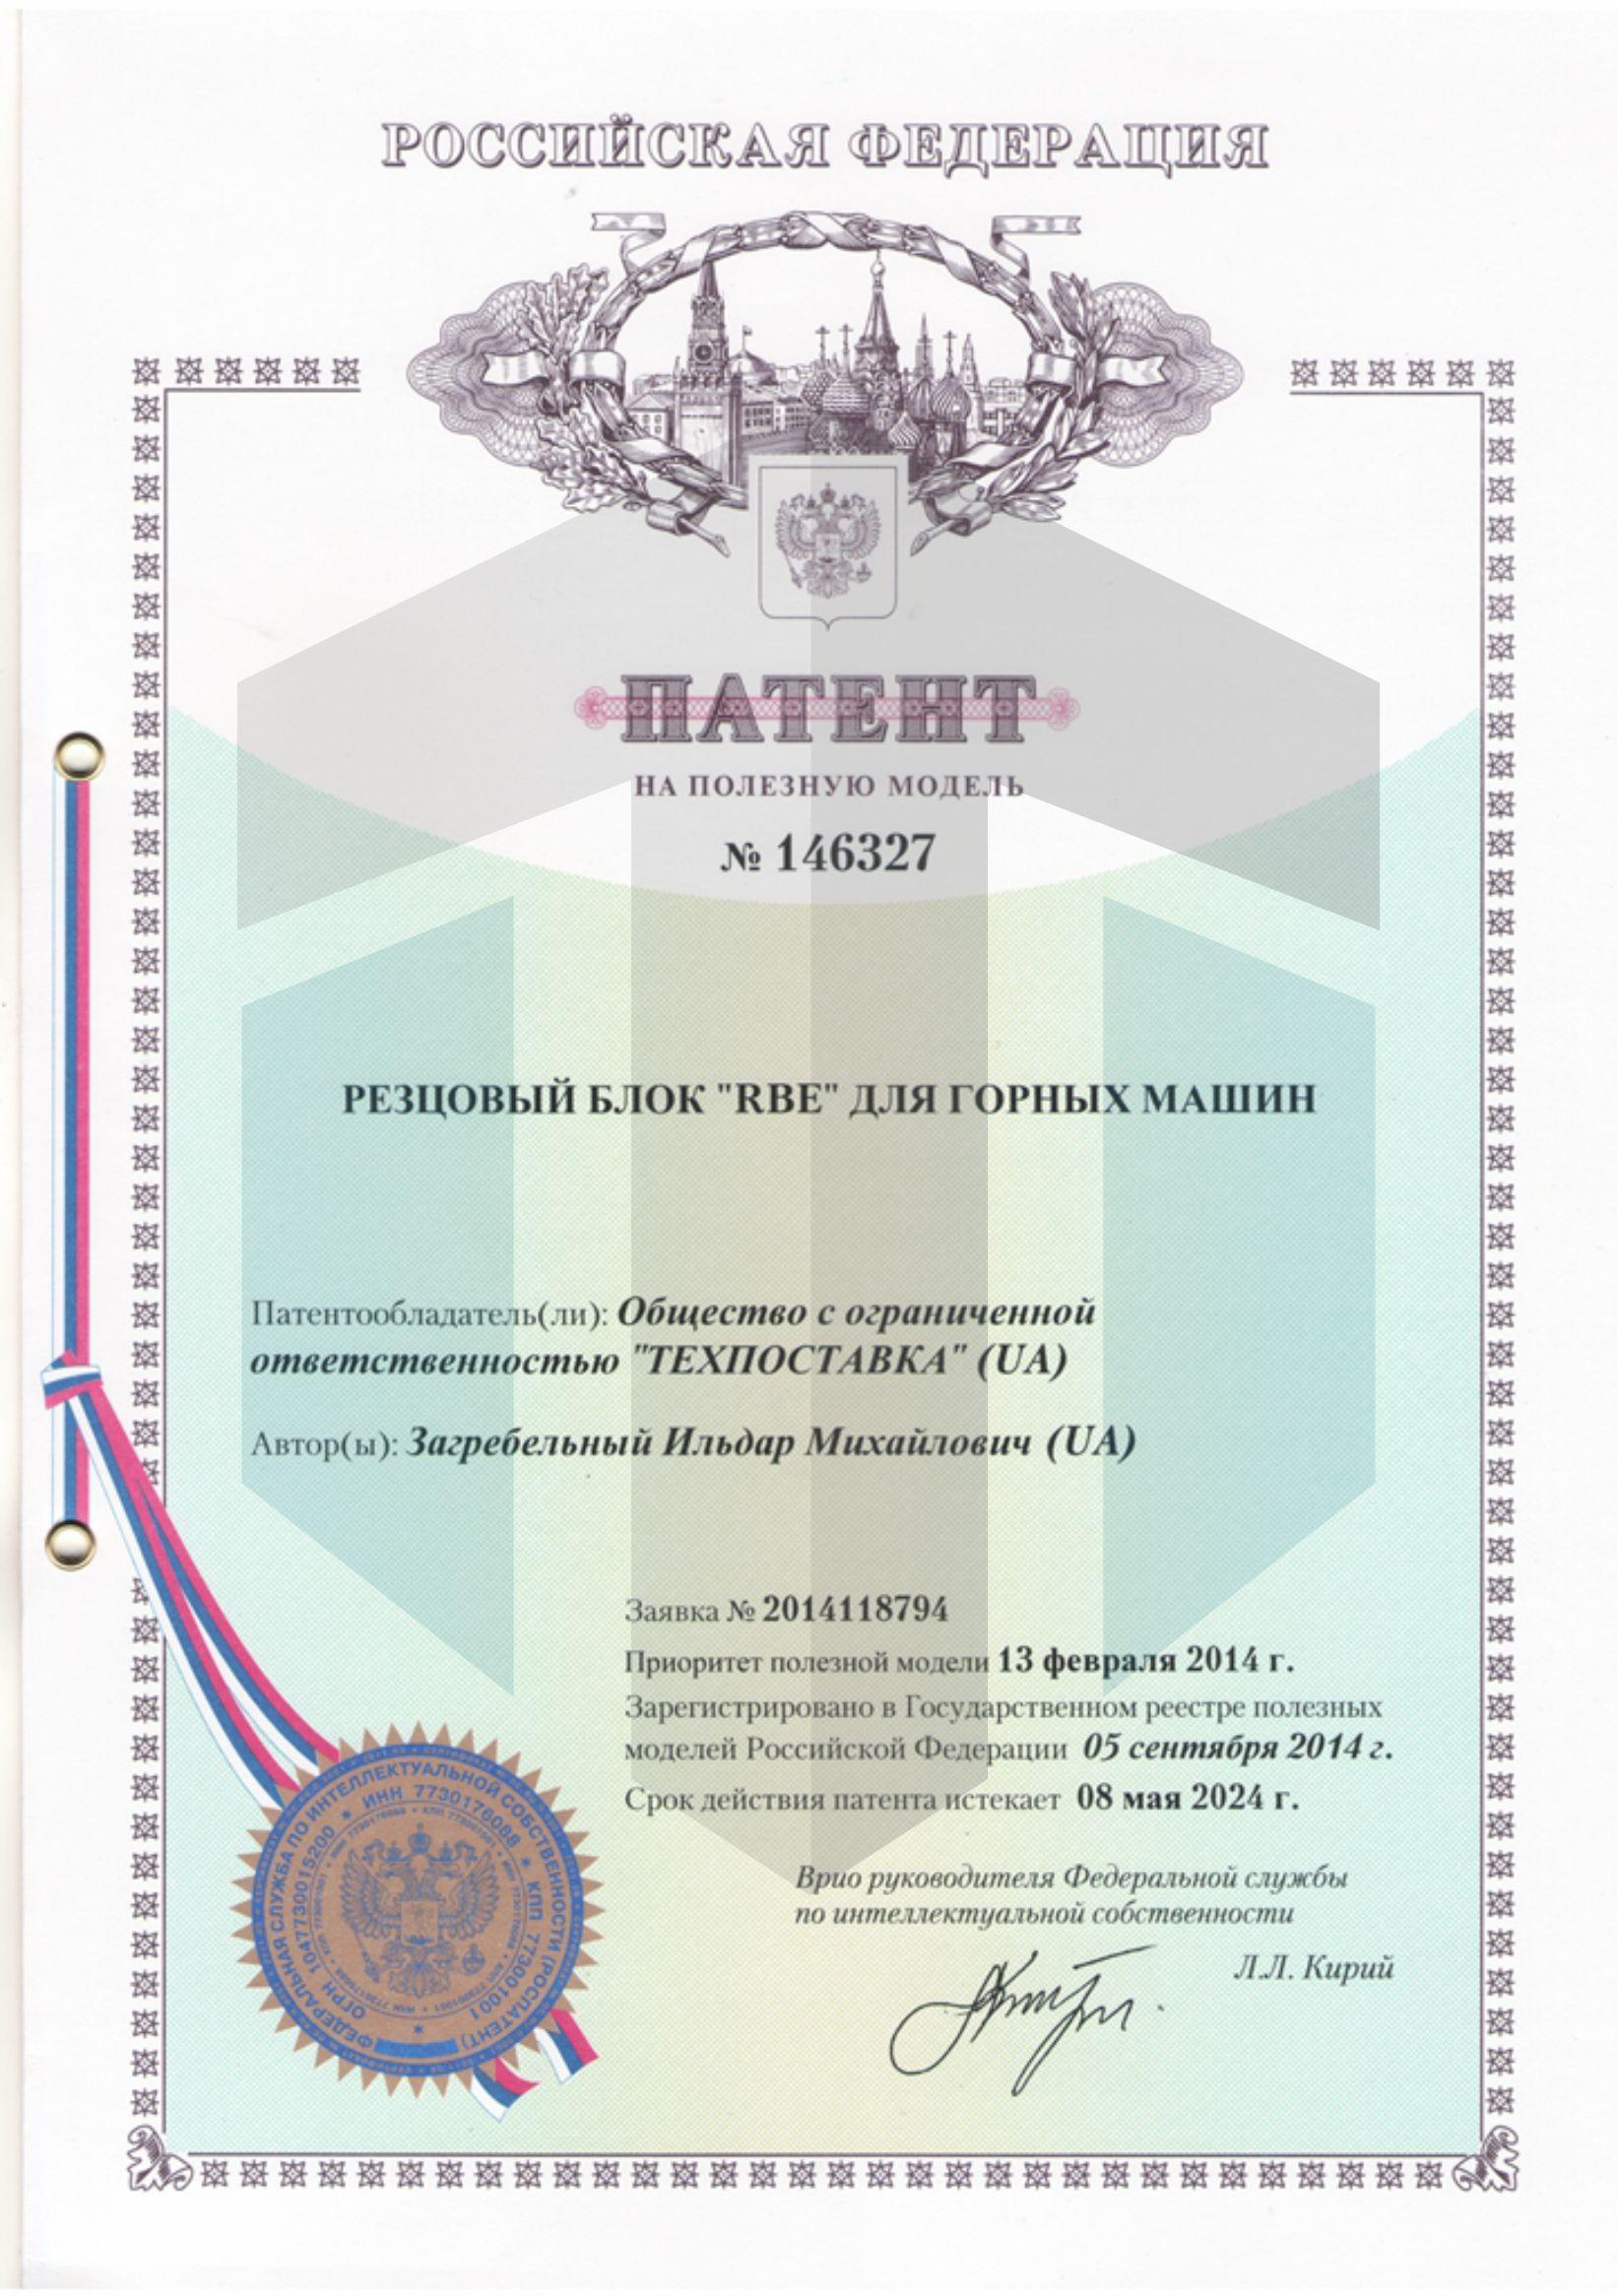 Патент на тангенциальный поворотный резец AWR для горных машин (РФ)